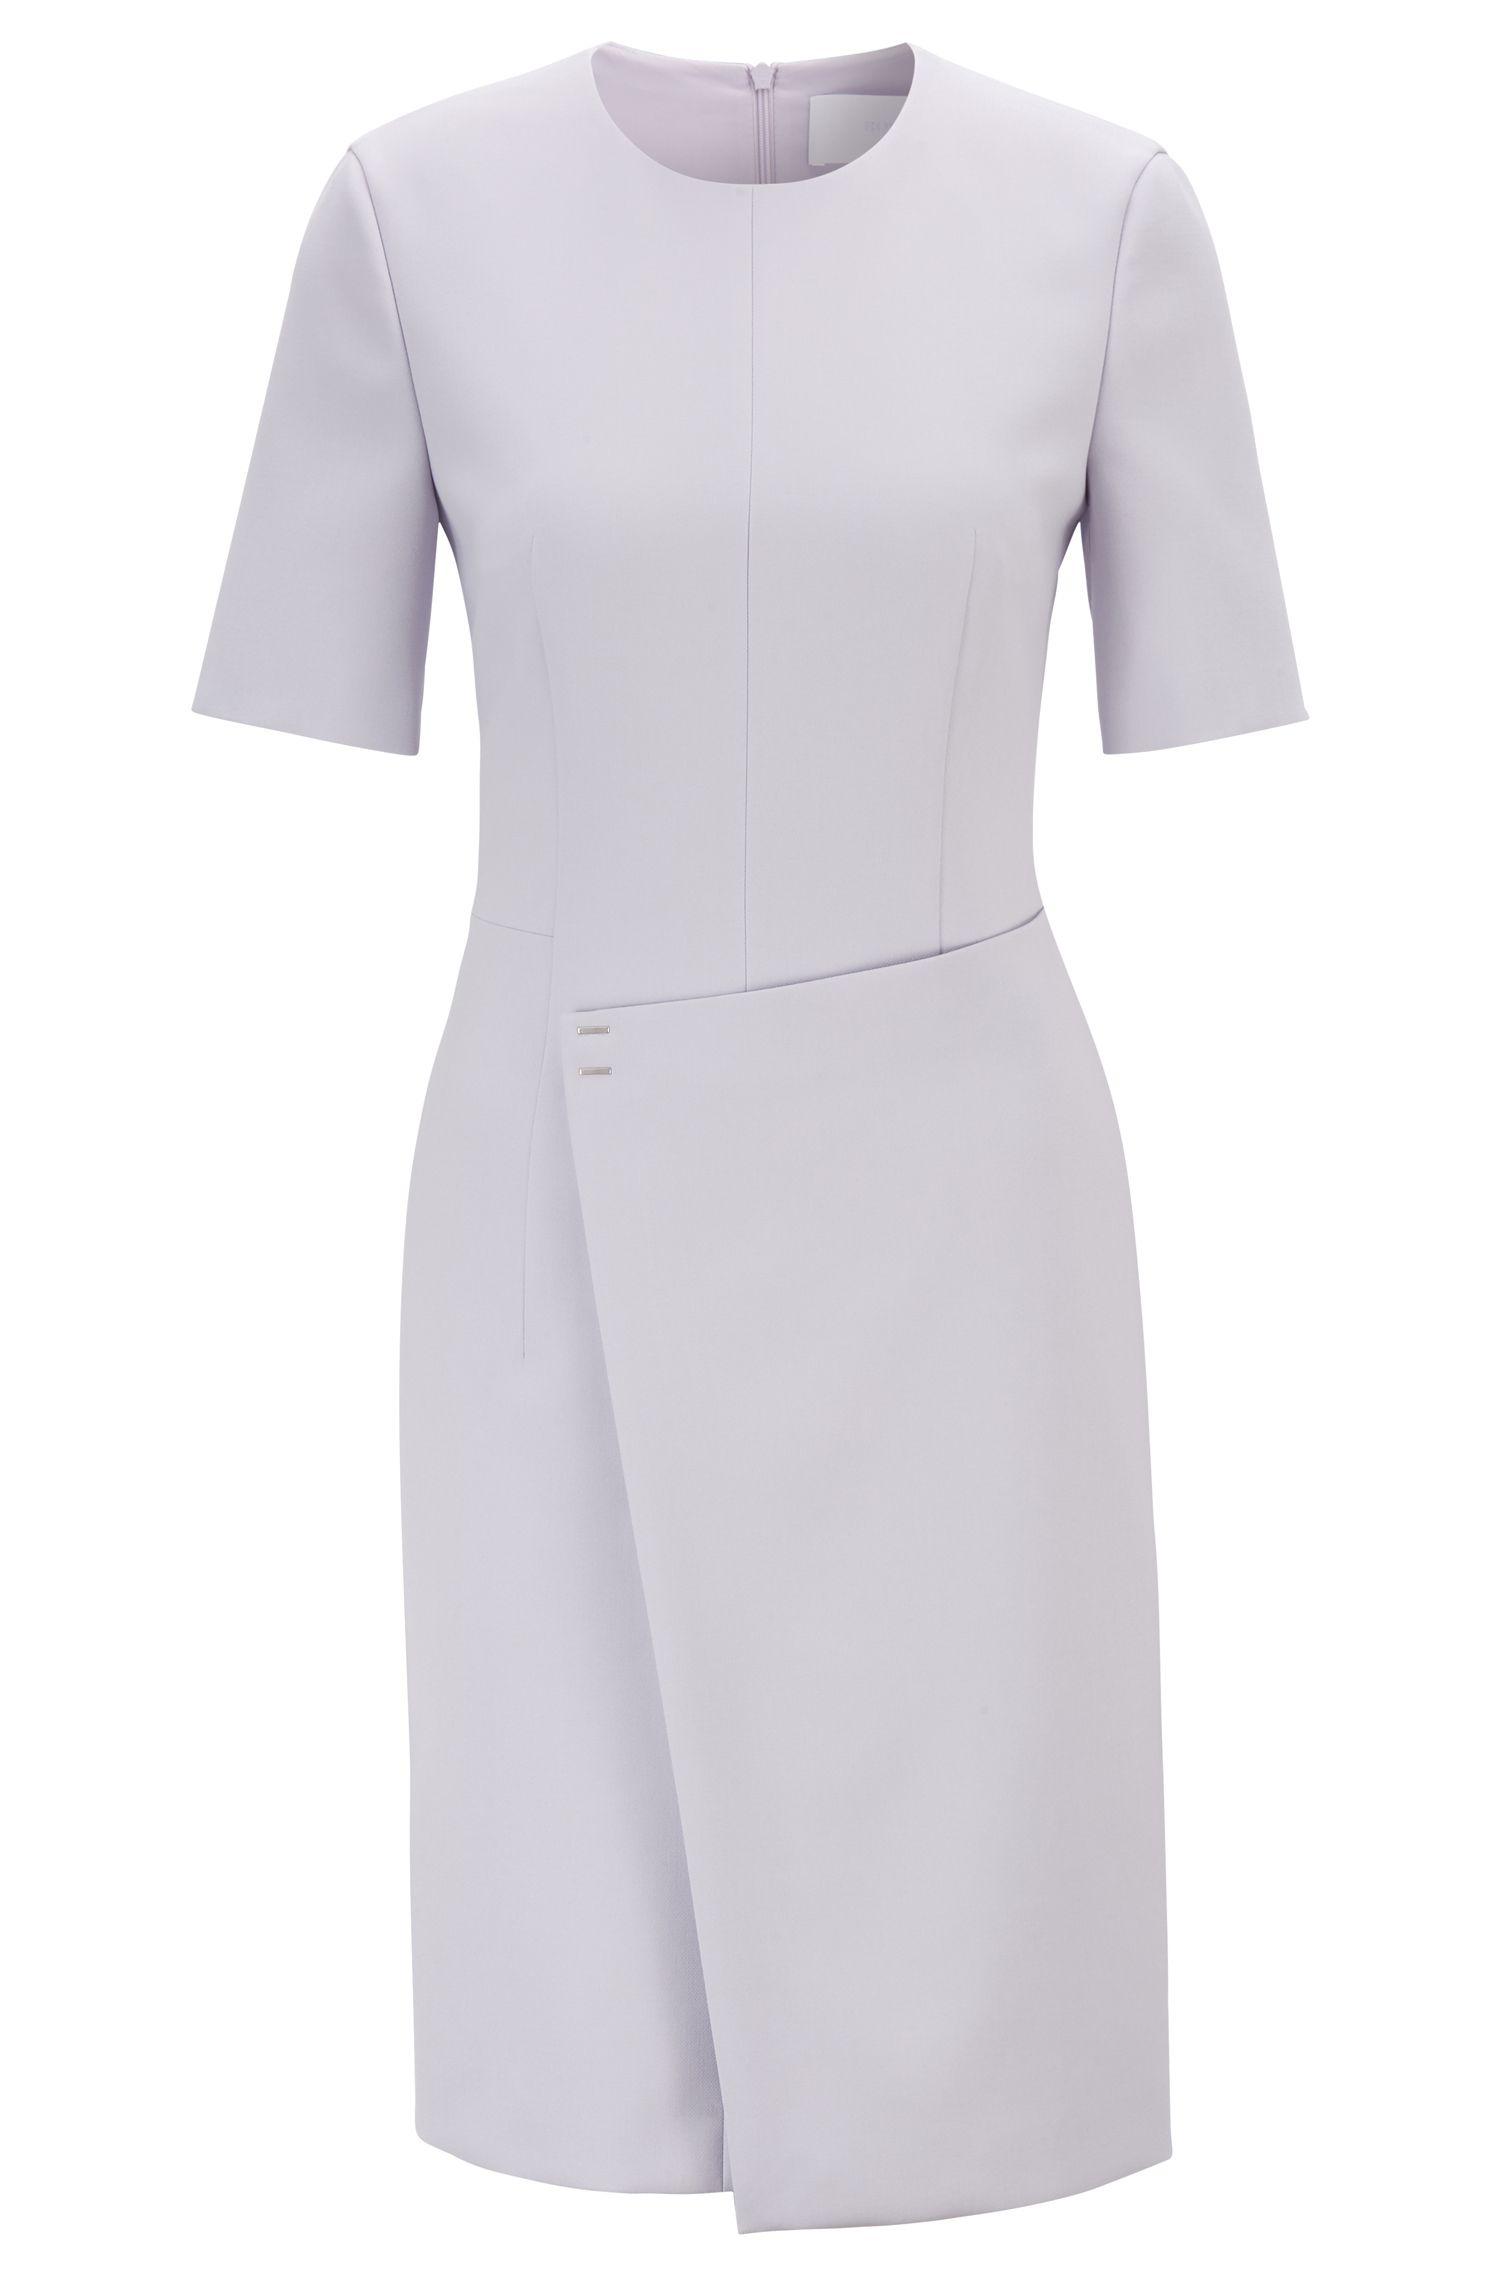 Robe à manches courtes en tissu portugais, avec jupe portefeuille, Violet clair